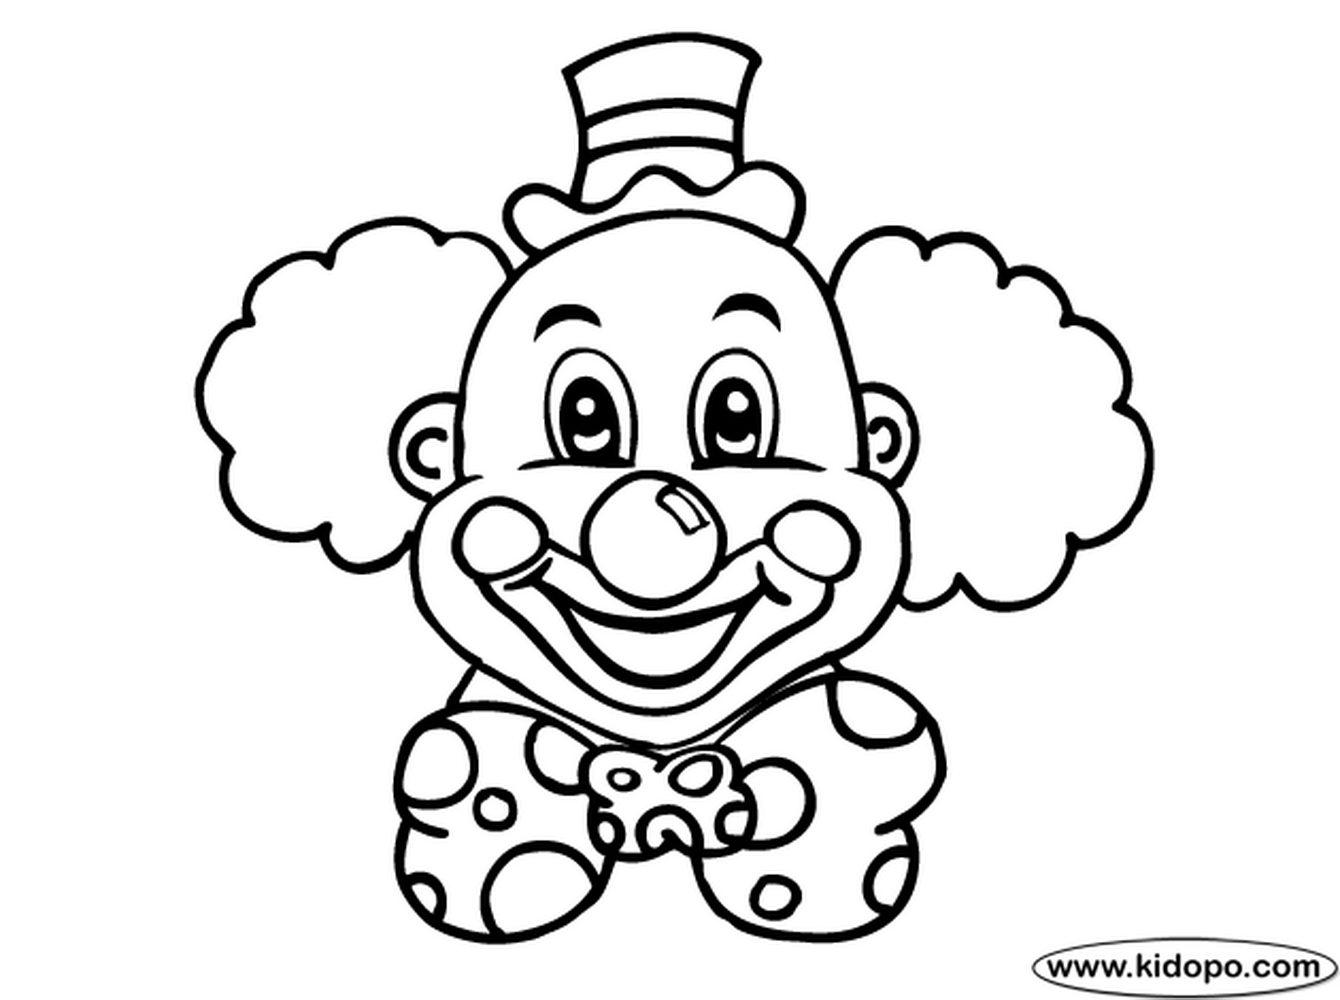 Как нарисовать лицо клоуна как нарисовать клоуна карандашом 20